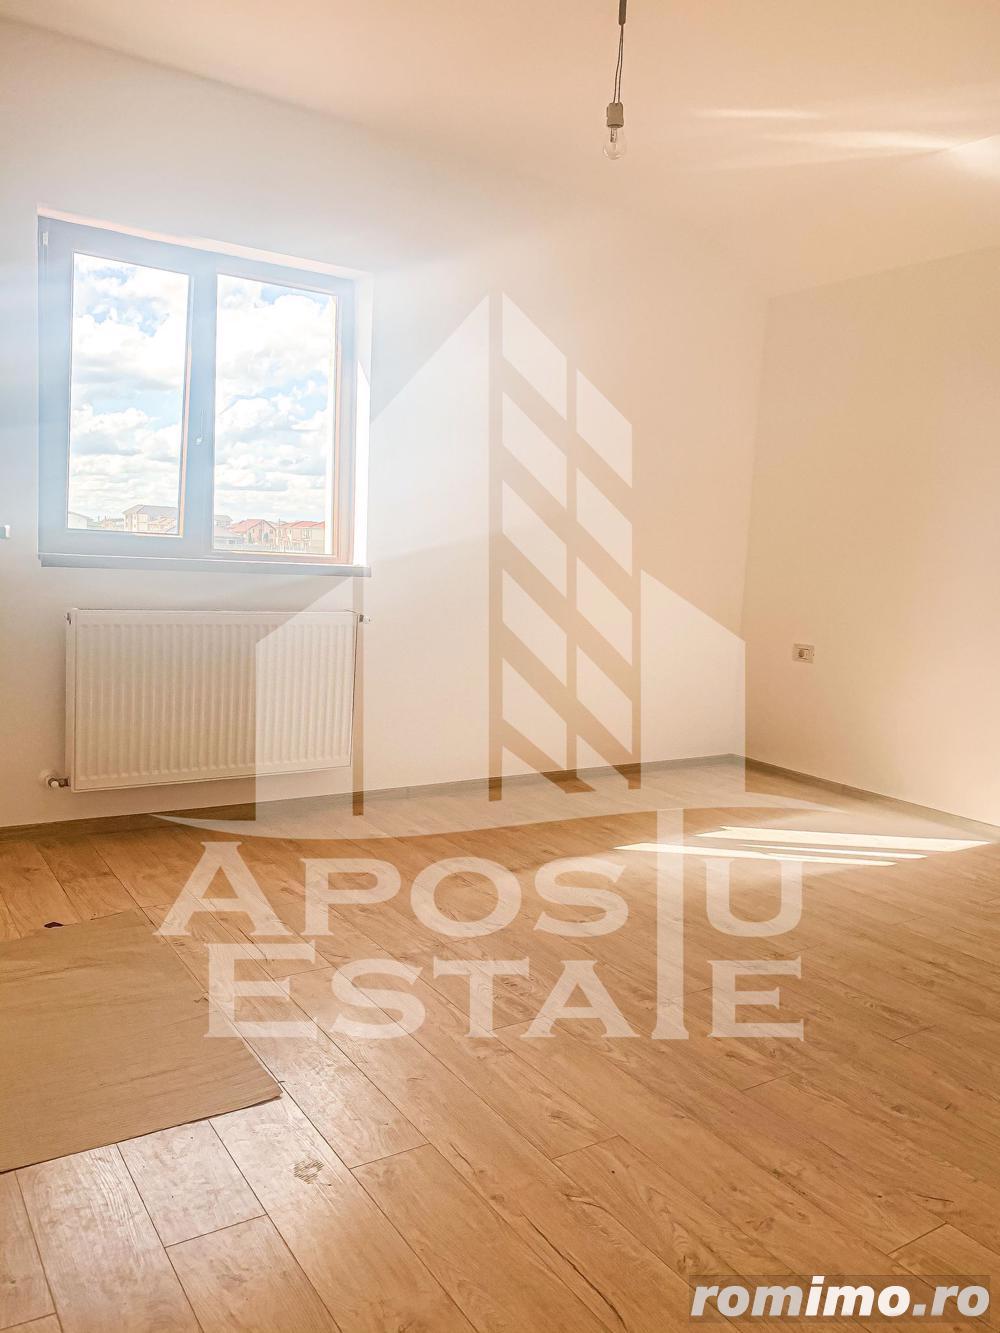 Duplex cu 3 camere in Dumbravita negociabil Comision 0%